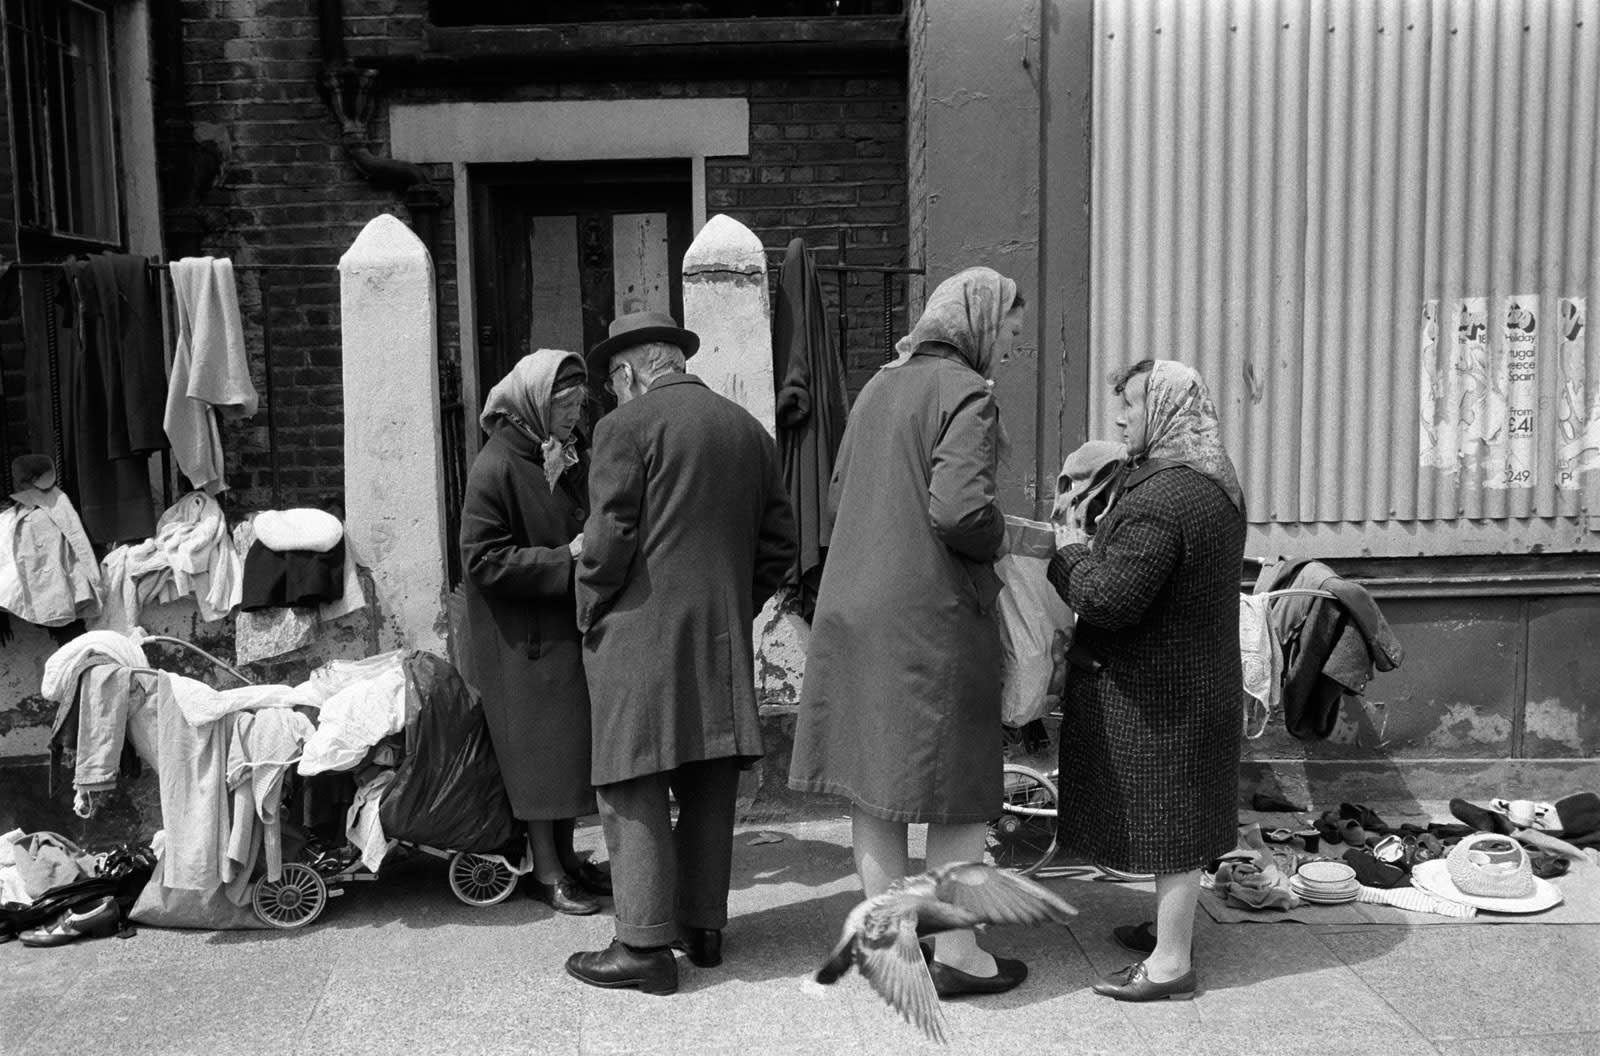 Homer Sykes, East end poverty, Whitechapel, London, 1972